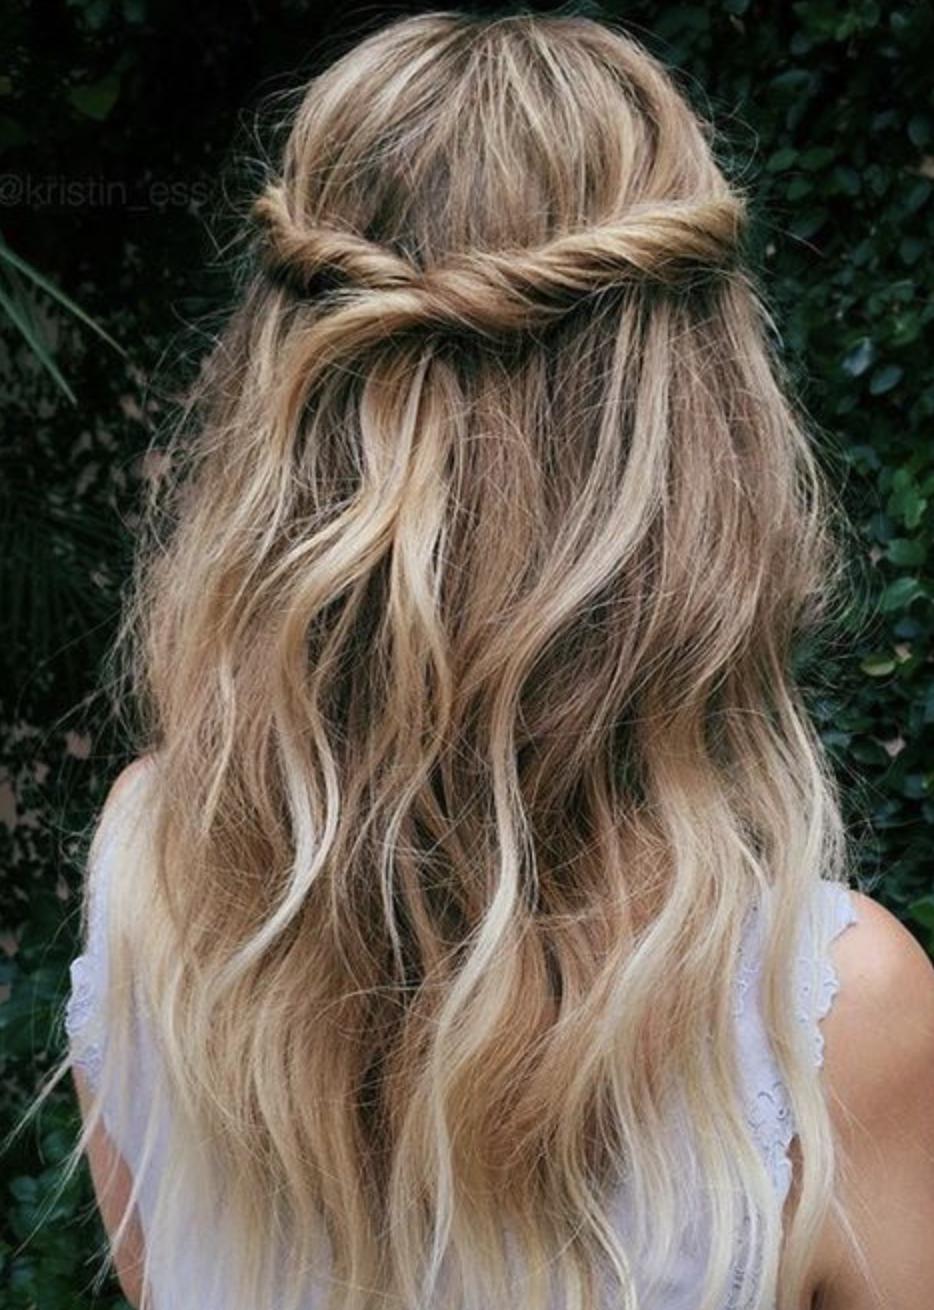 pinterest: @startariotinme | zoofari 2017 | hair styles